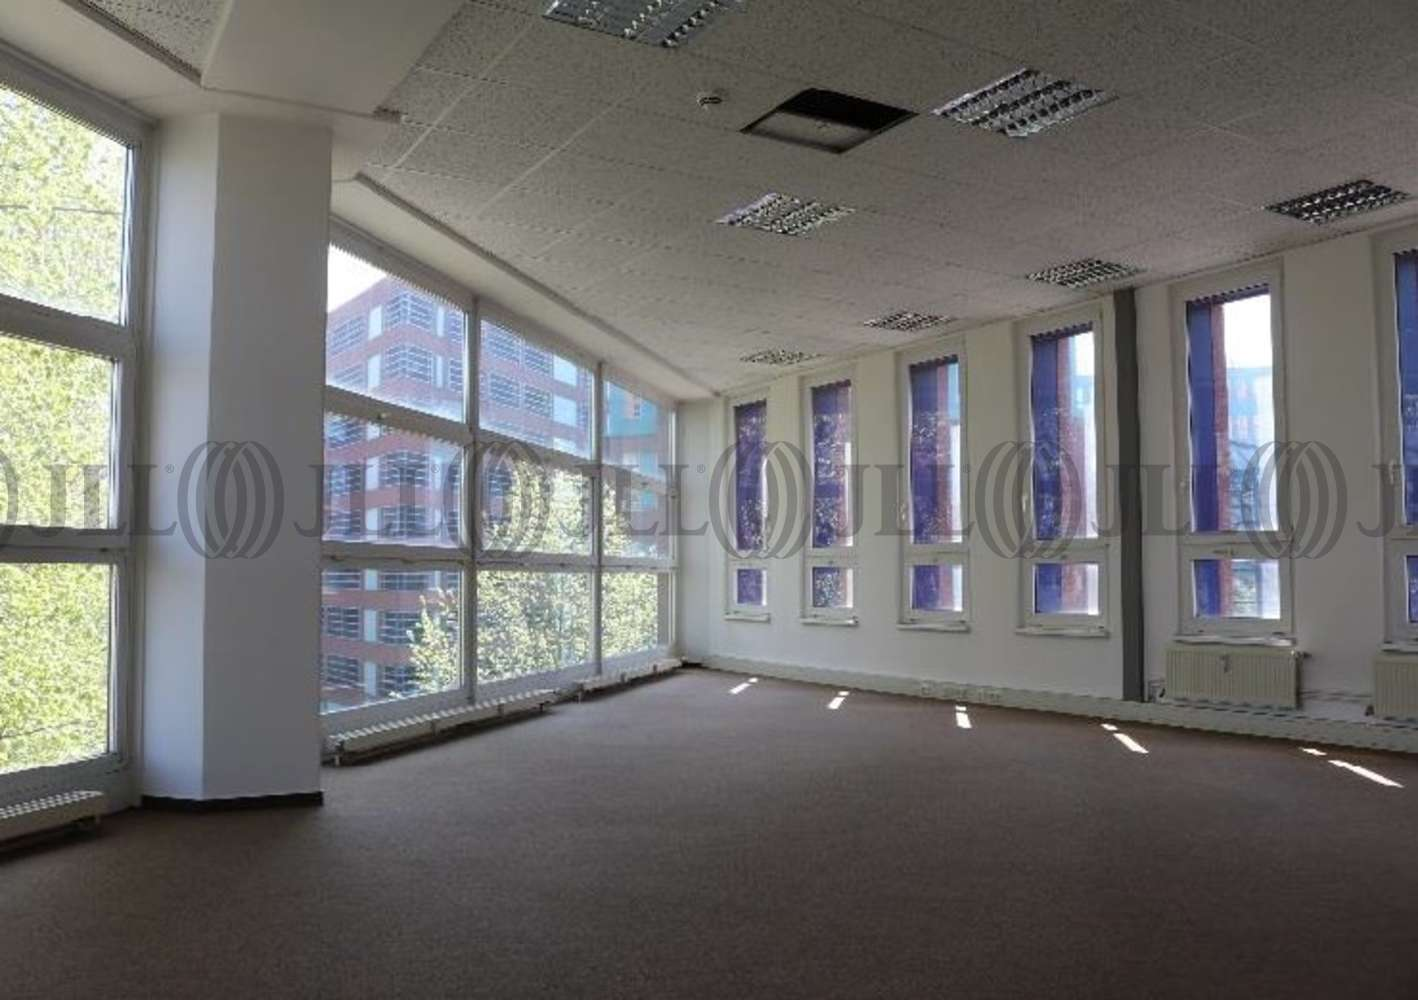 Büros Berlin, 13509 - Büro - Berlin, Tegel - B0116 - 10191978